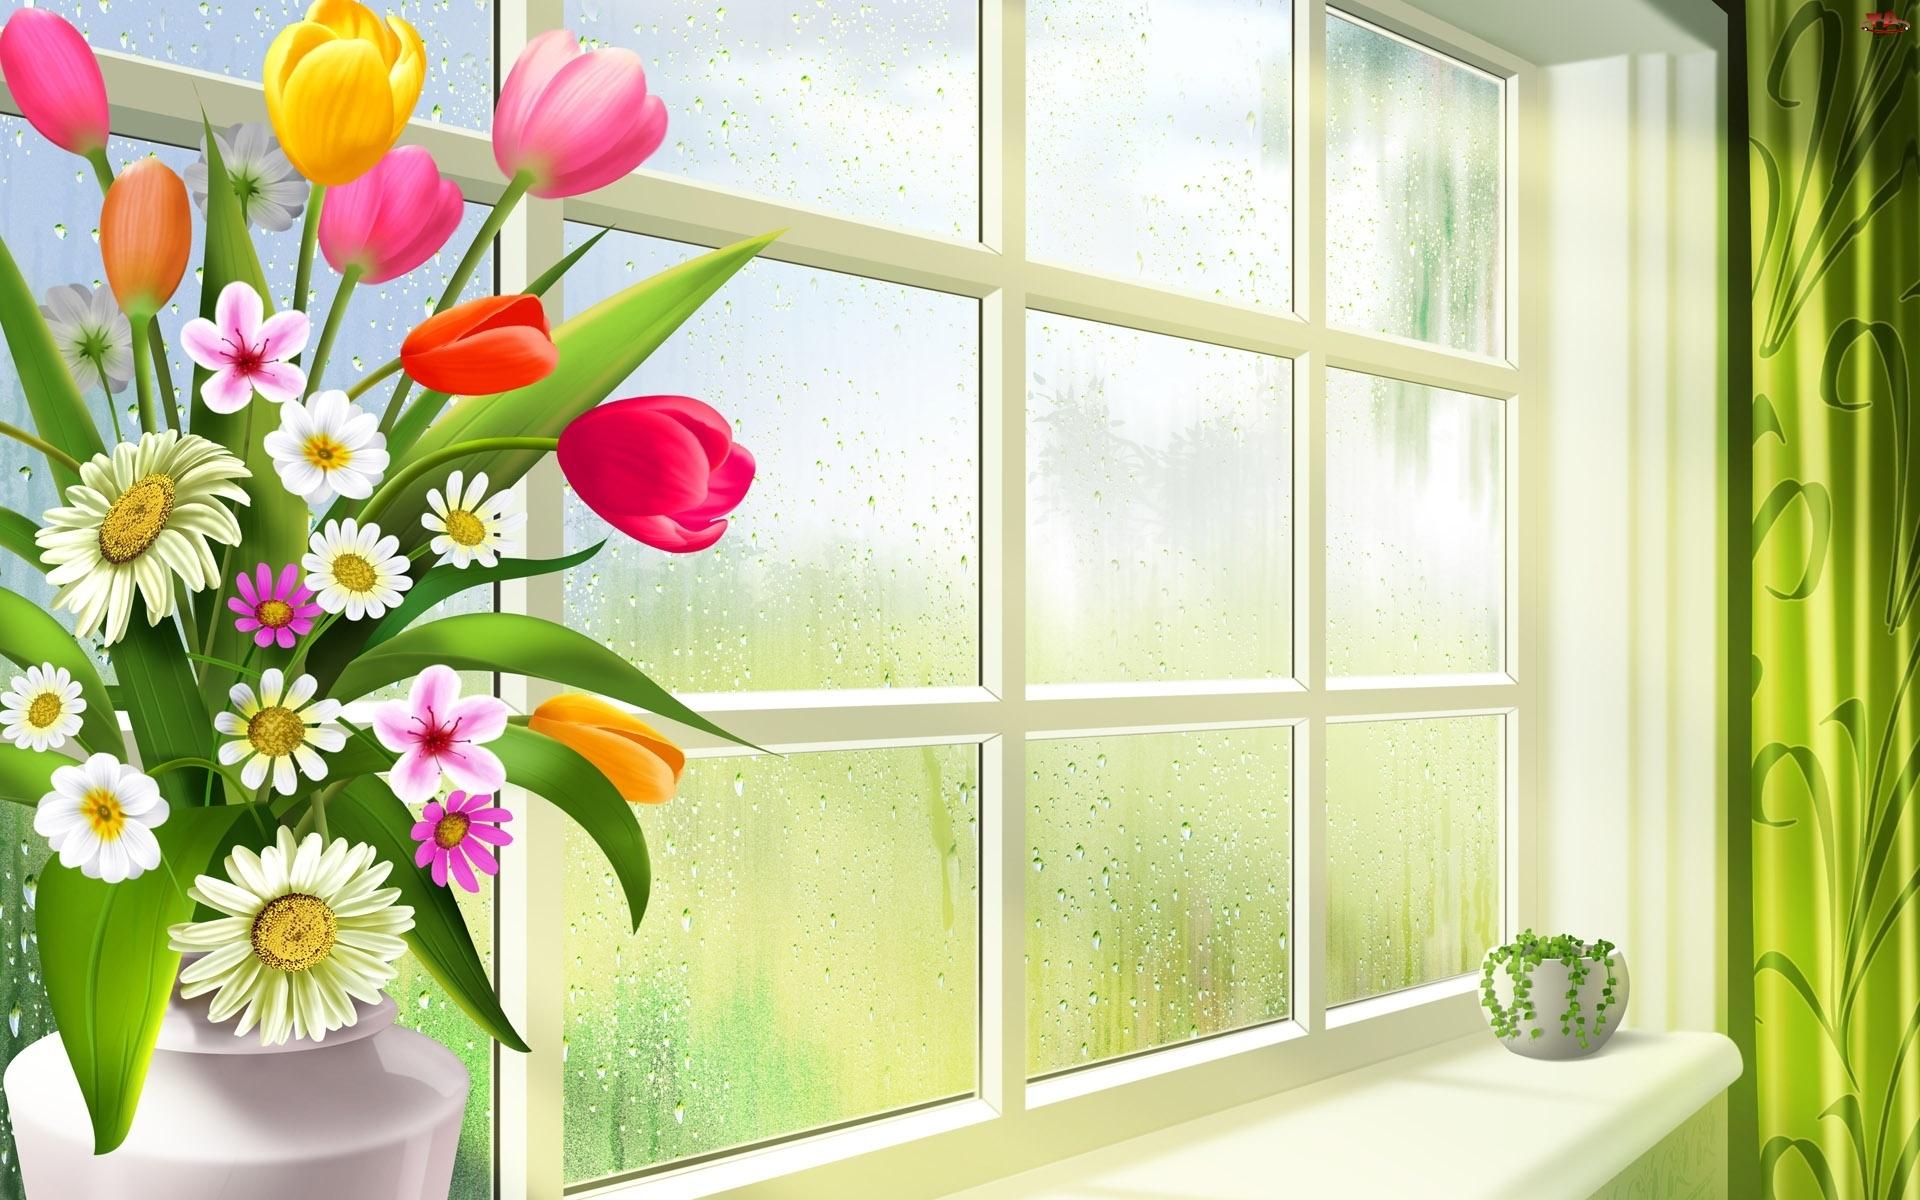 Zielona, Parapet, Bukiet, Grafika 2D, Kwiatków, Roślinka